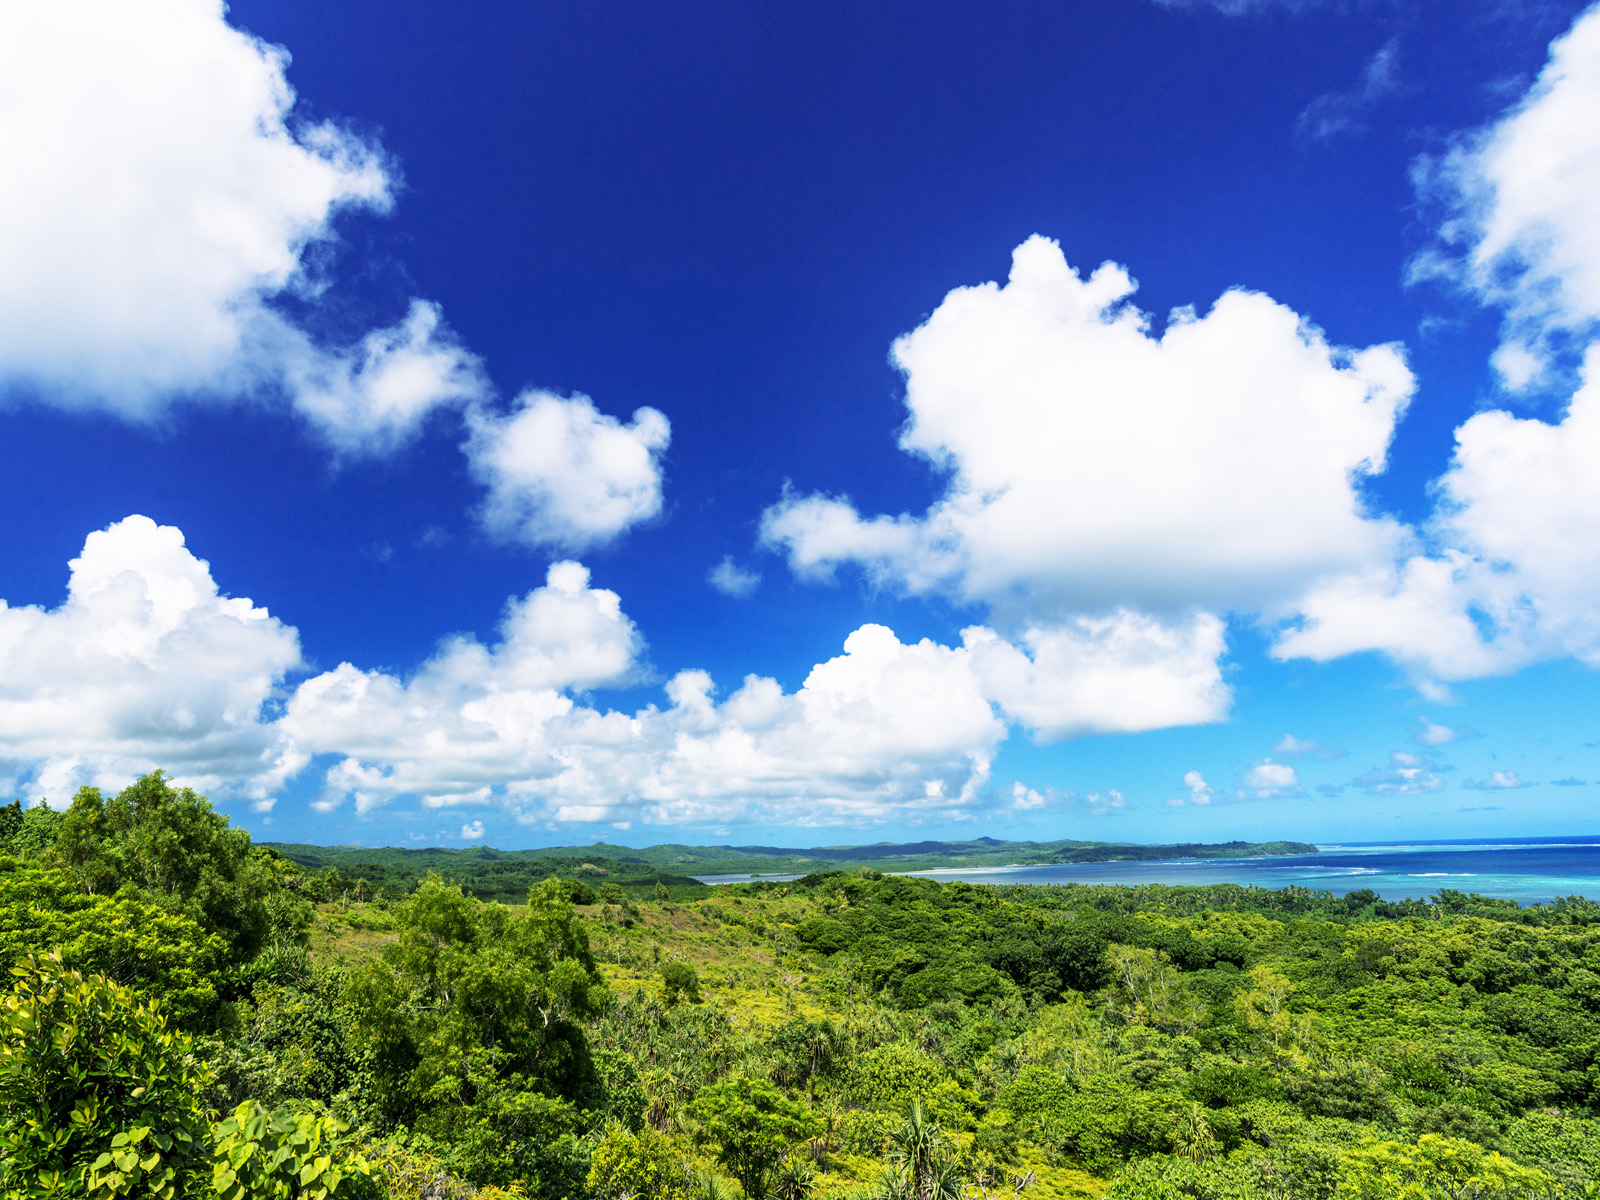 バベルダオブ島の観光ガイド|パラオ玄関口の名所・ホテル・レストラン情報